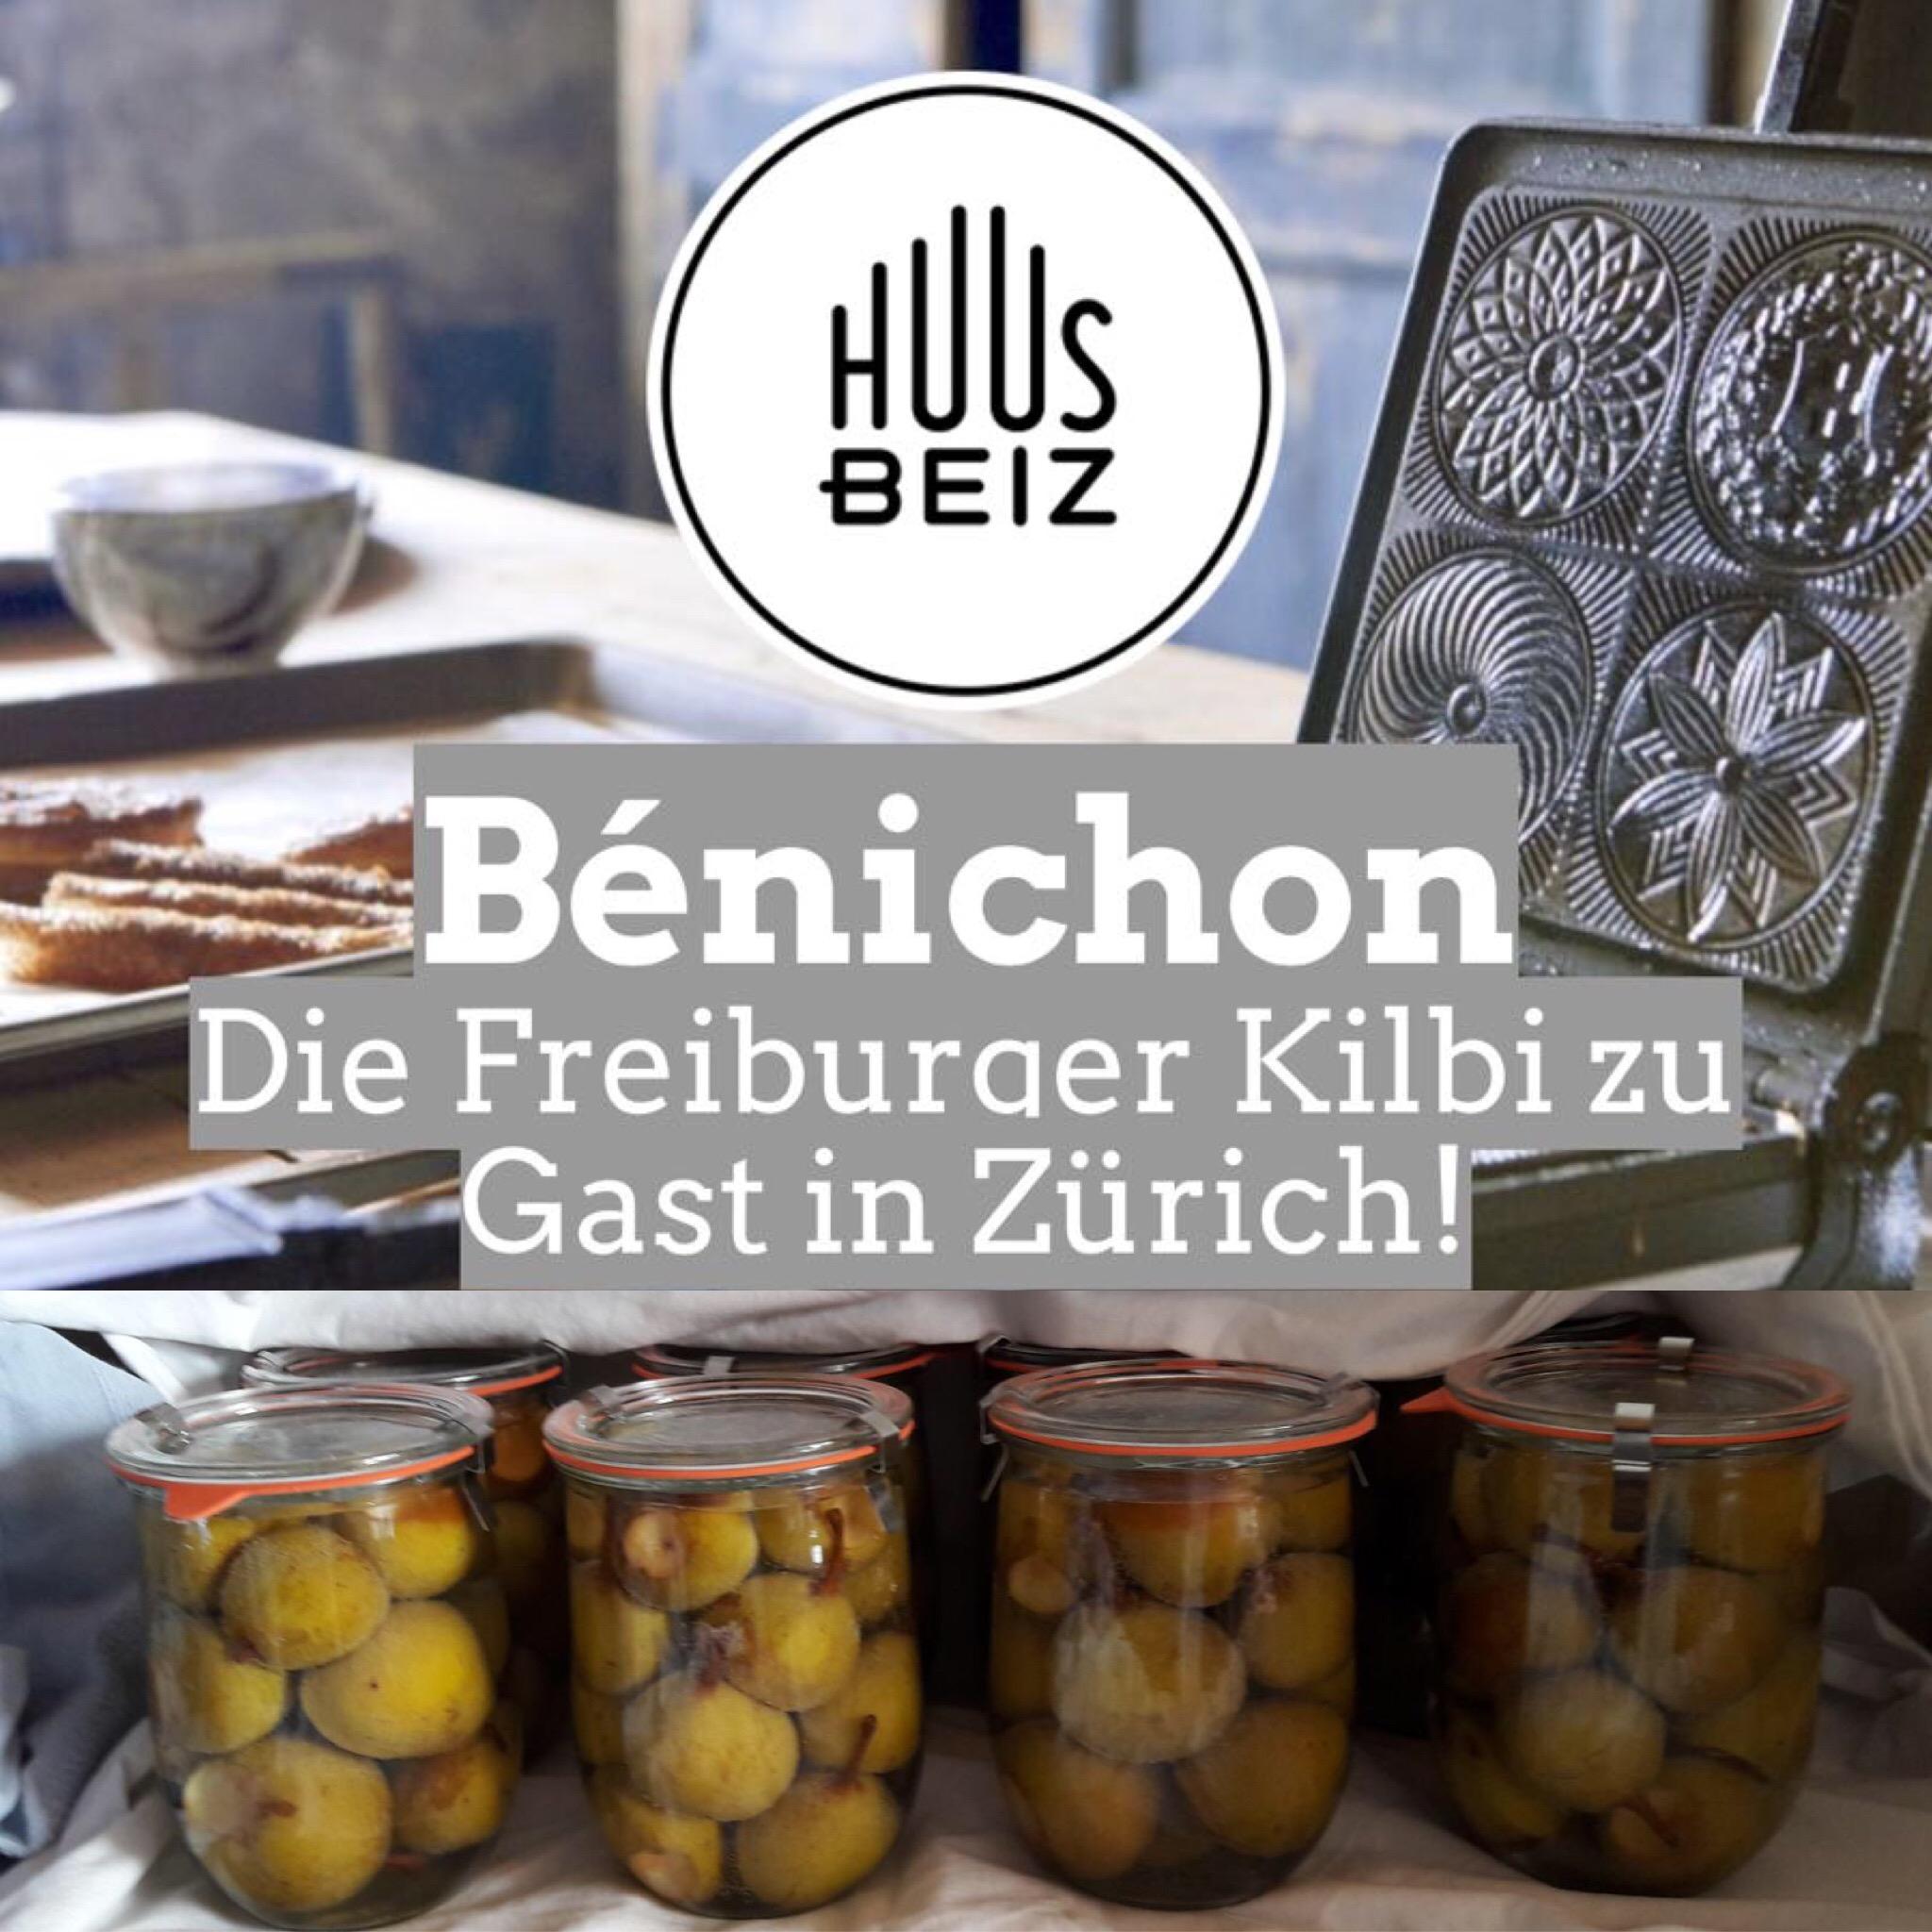 Bénichon - Die Freiburger Kilbi zu Gast in der Huusbeiz